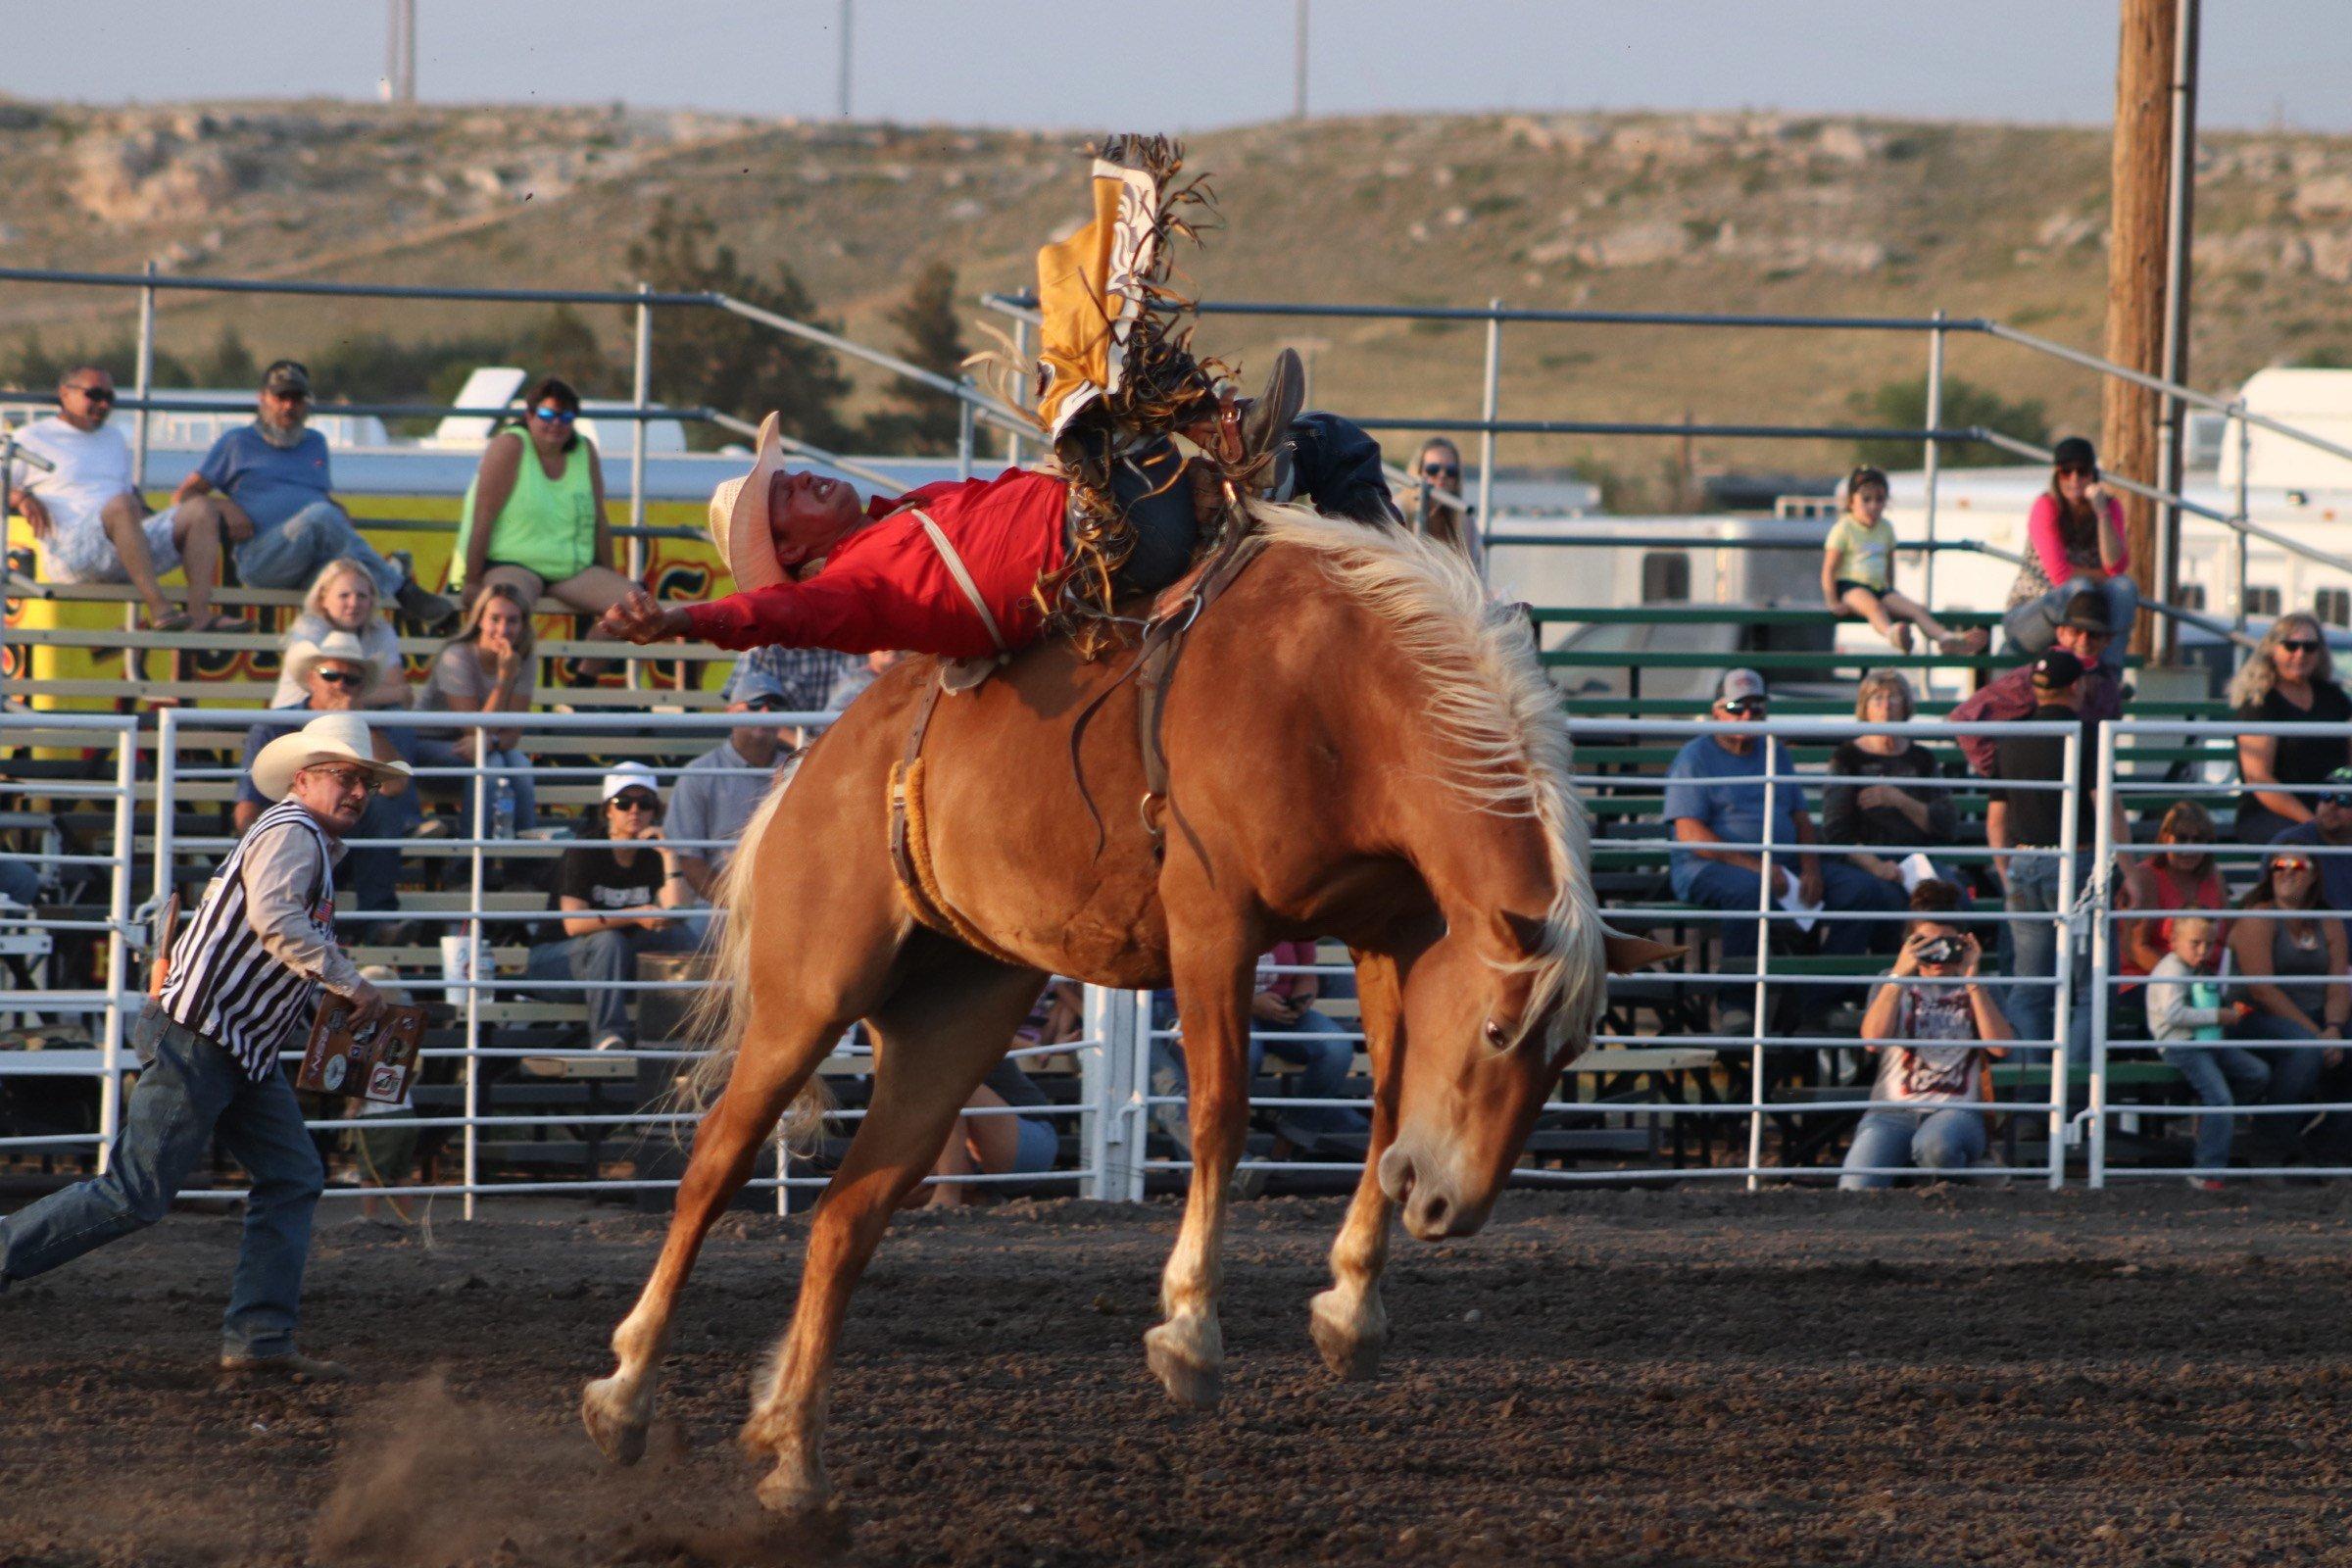 PHOTOS: Cheyenne County Fair PRCA/WPRA Rodeo